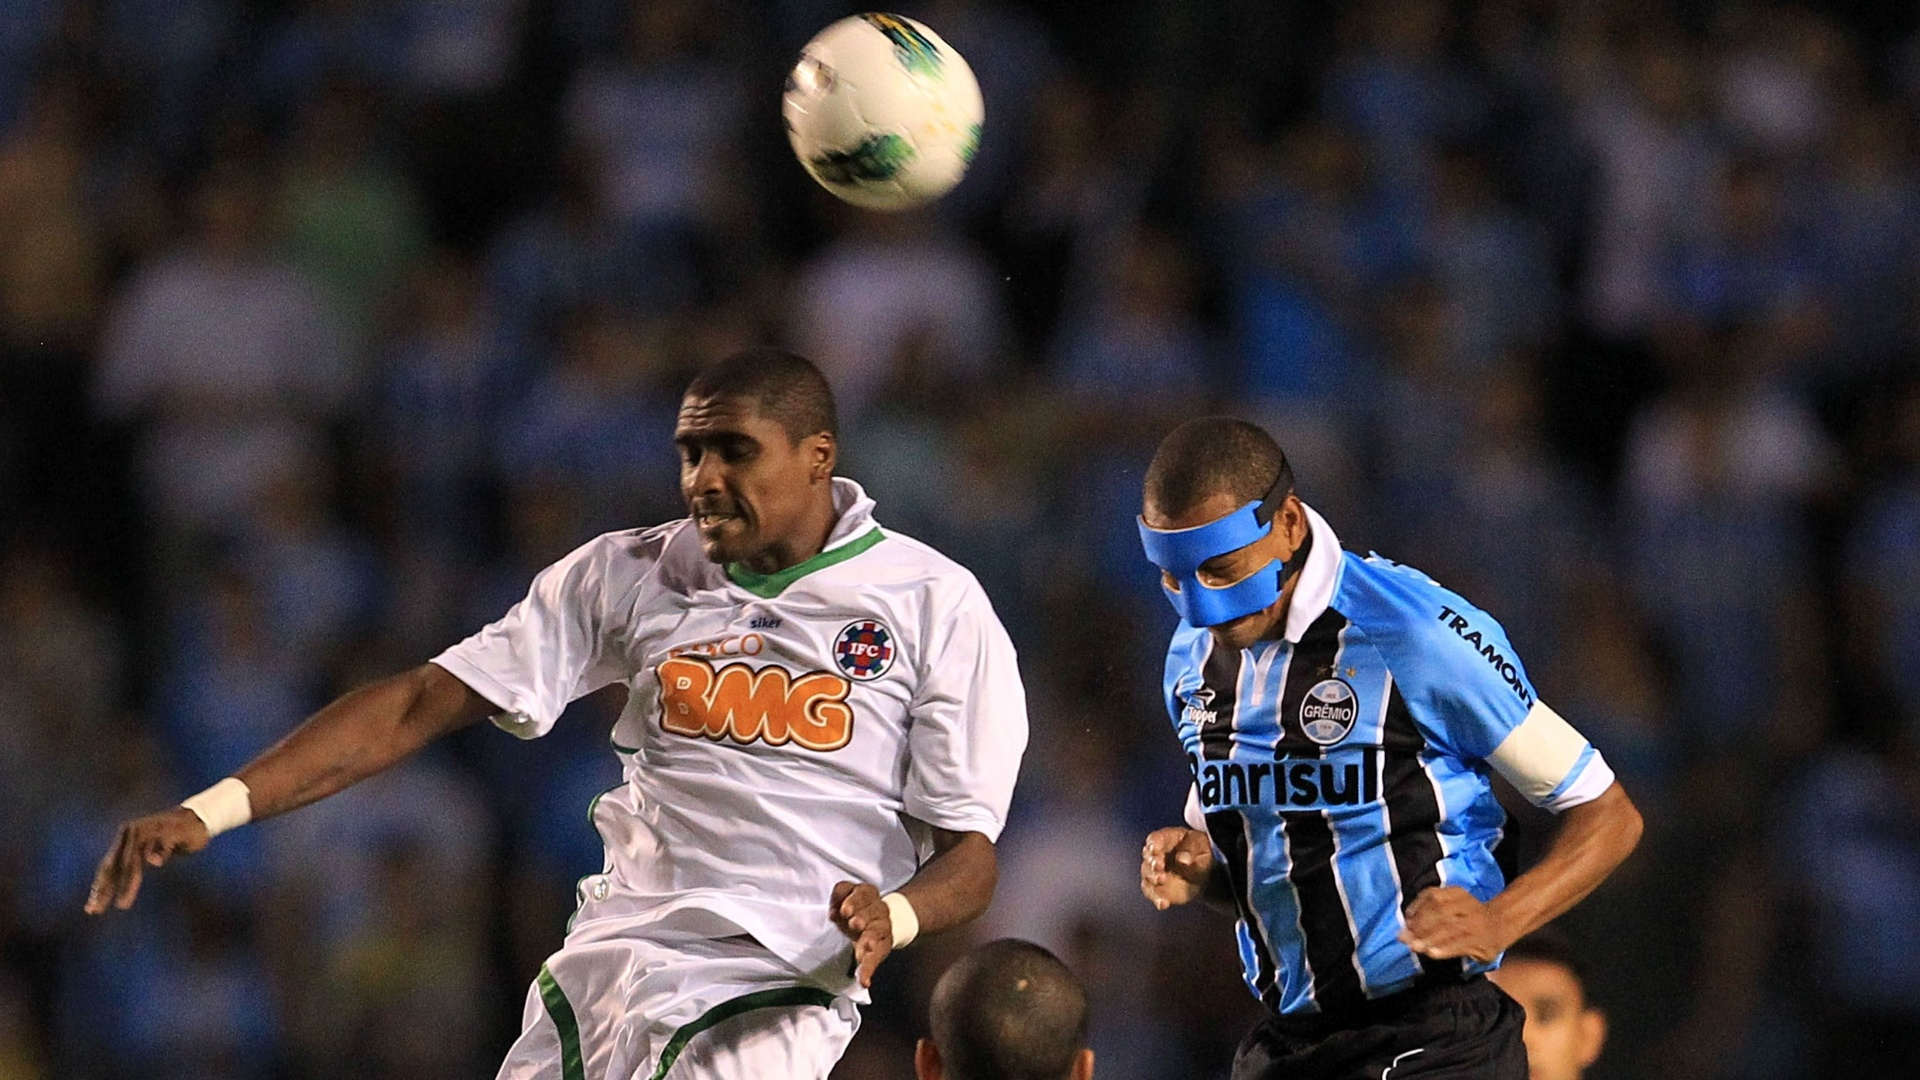 De máscara após quebrar o nariz, Gilberto Silva, do Grêmio, disputa a bola com Cláudio Luiz, do Ipatinga